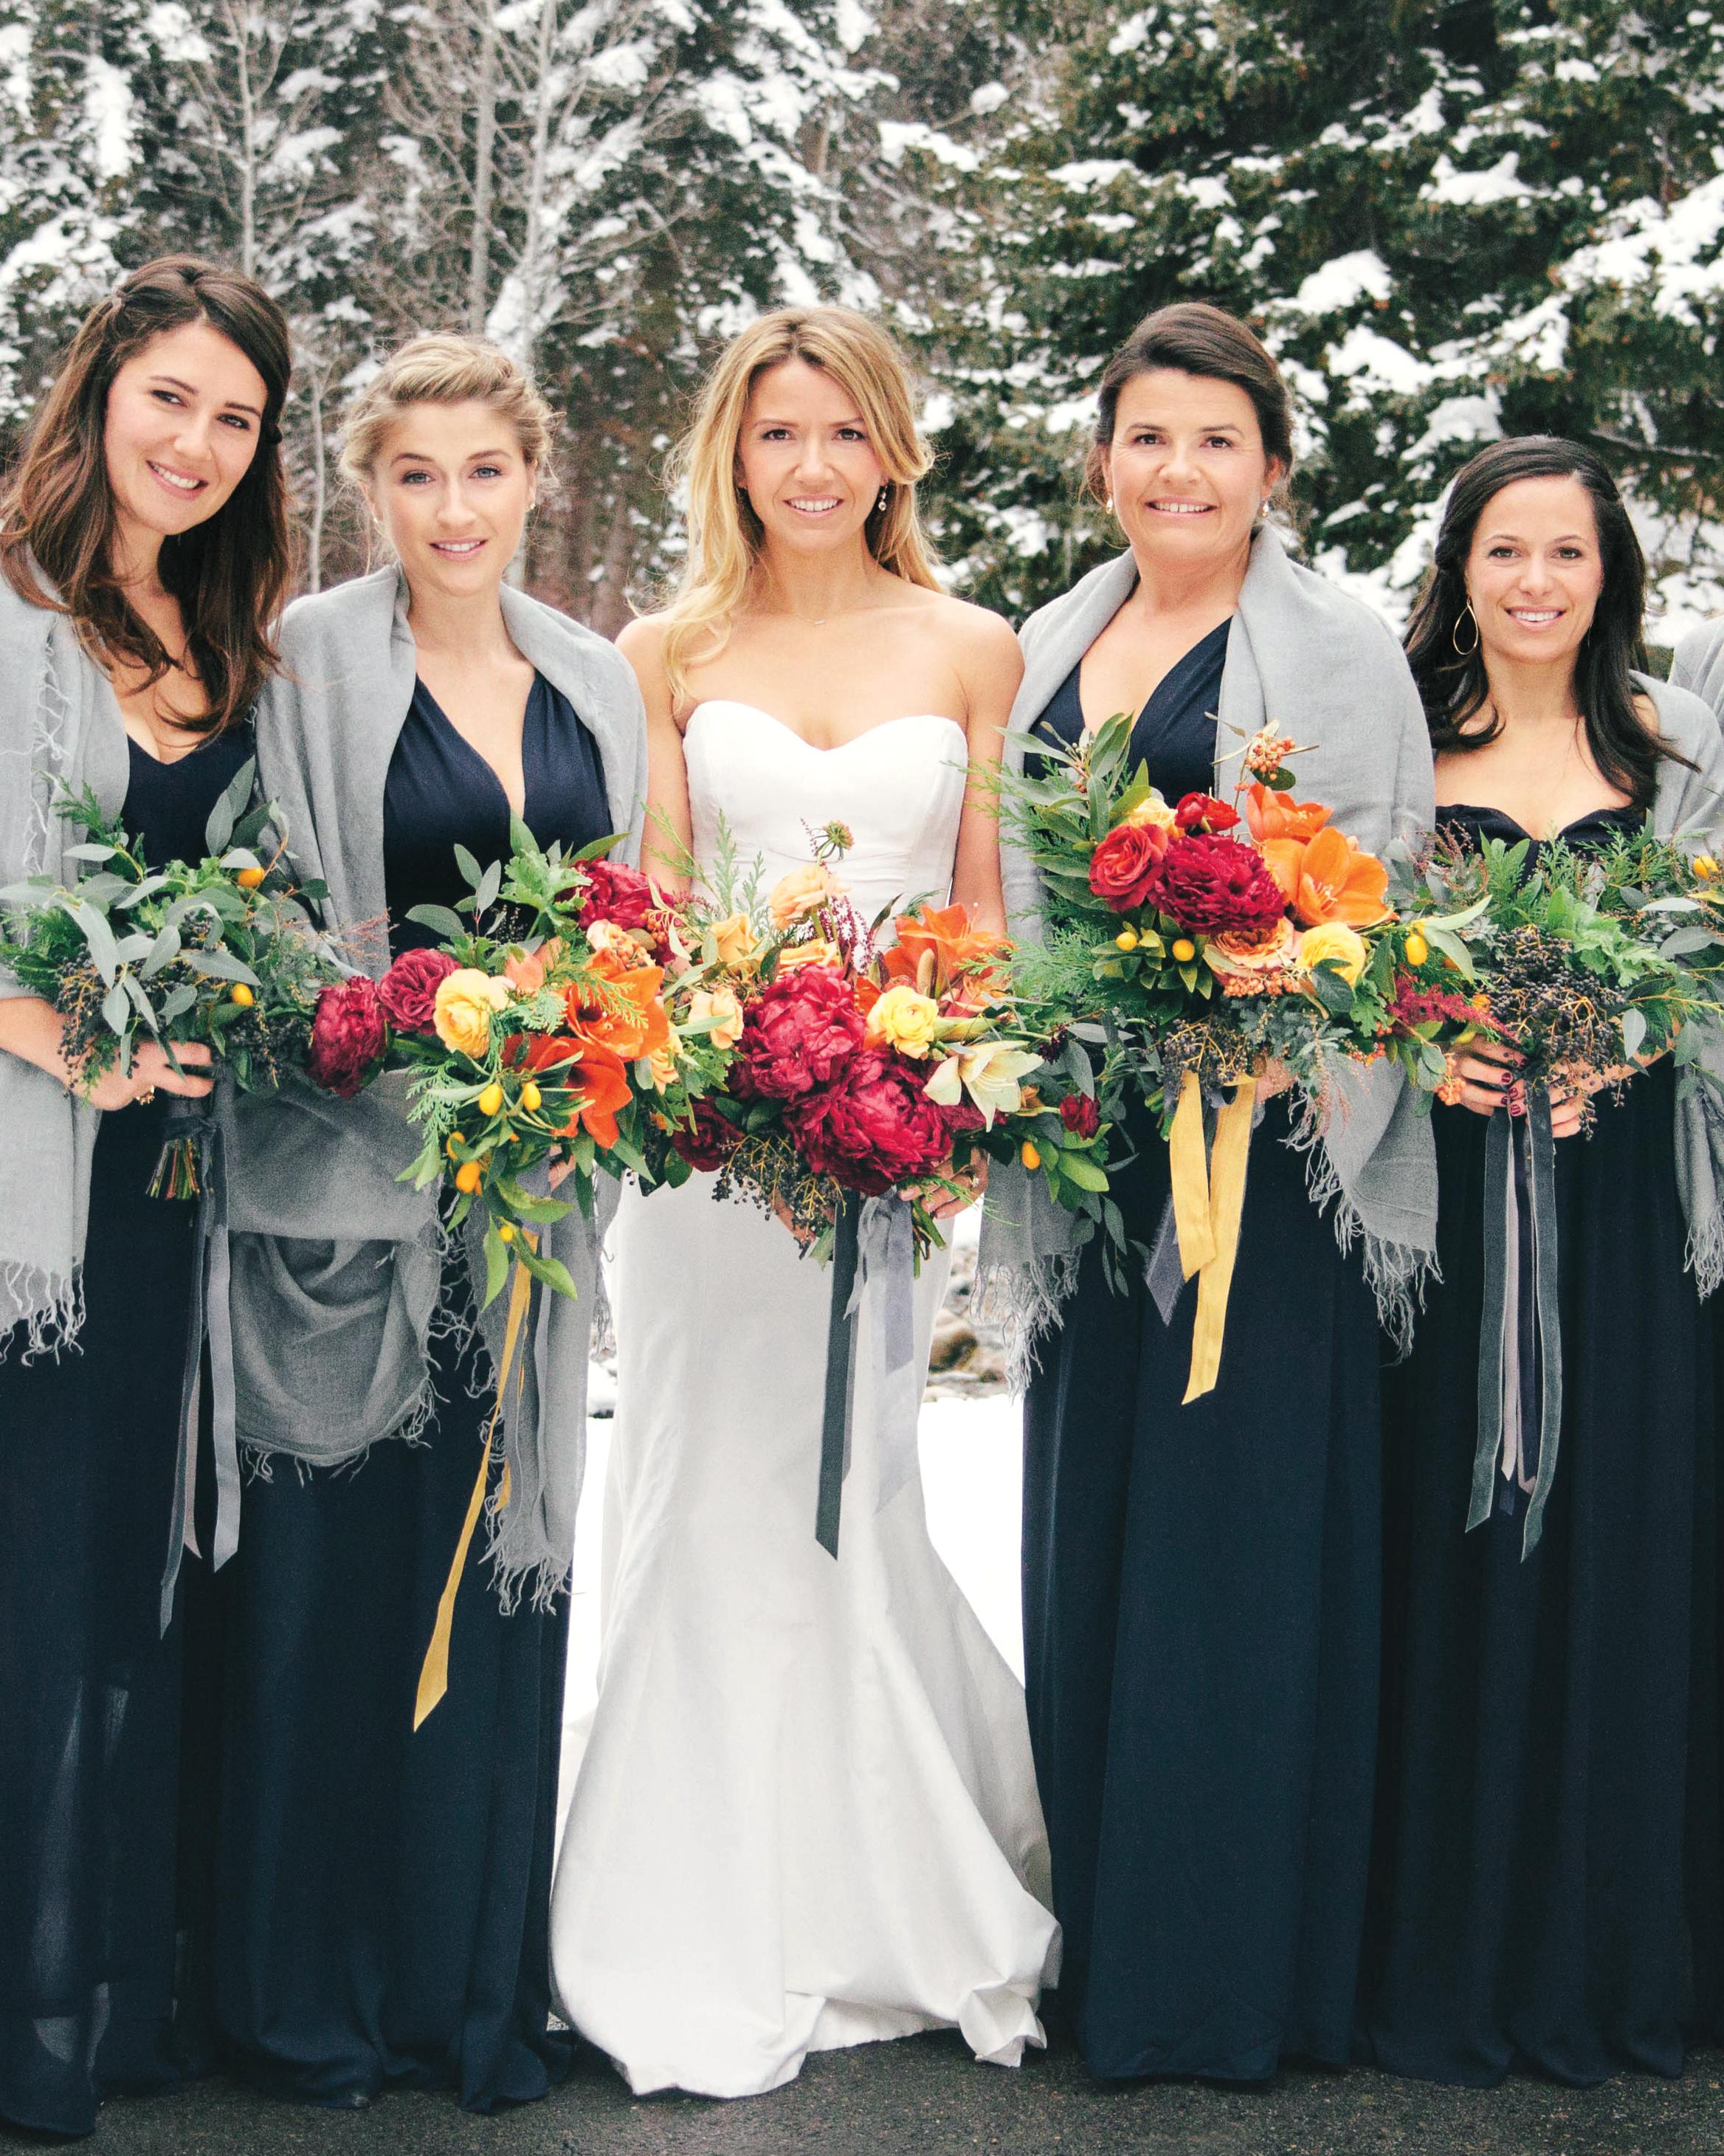 real-wedding-whitney-jordan-img-1011-ds111145.jpg